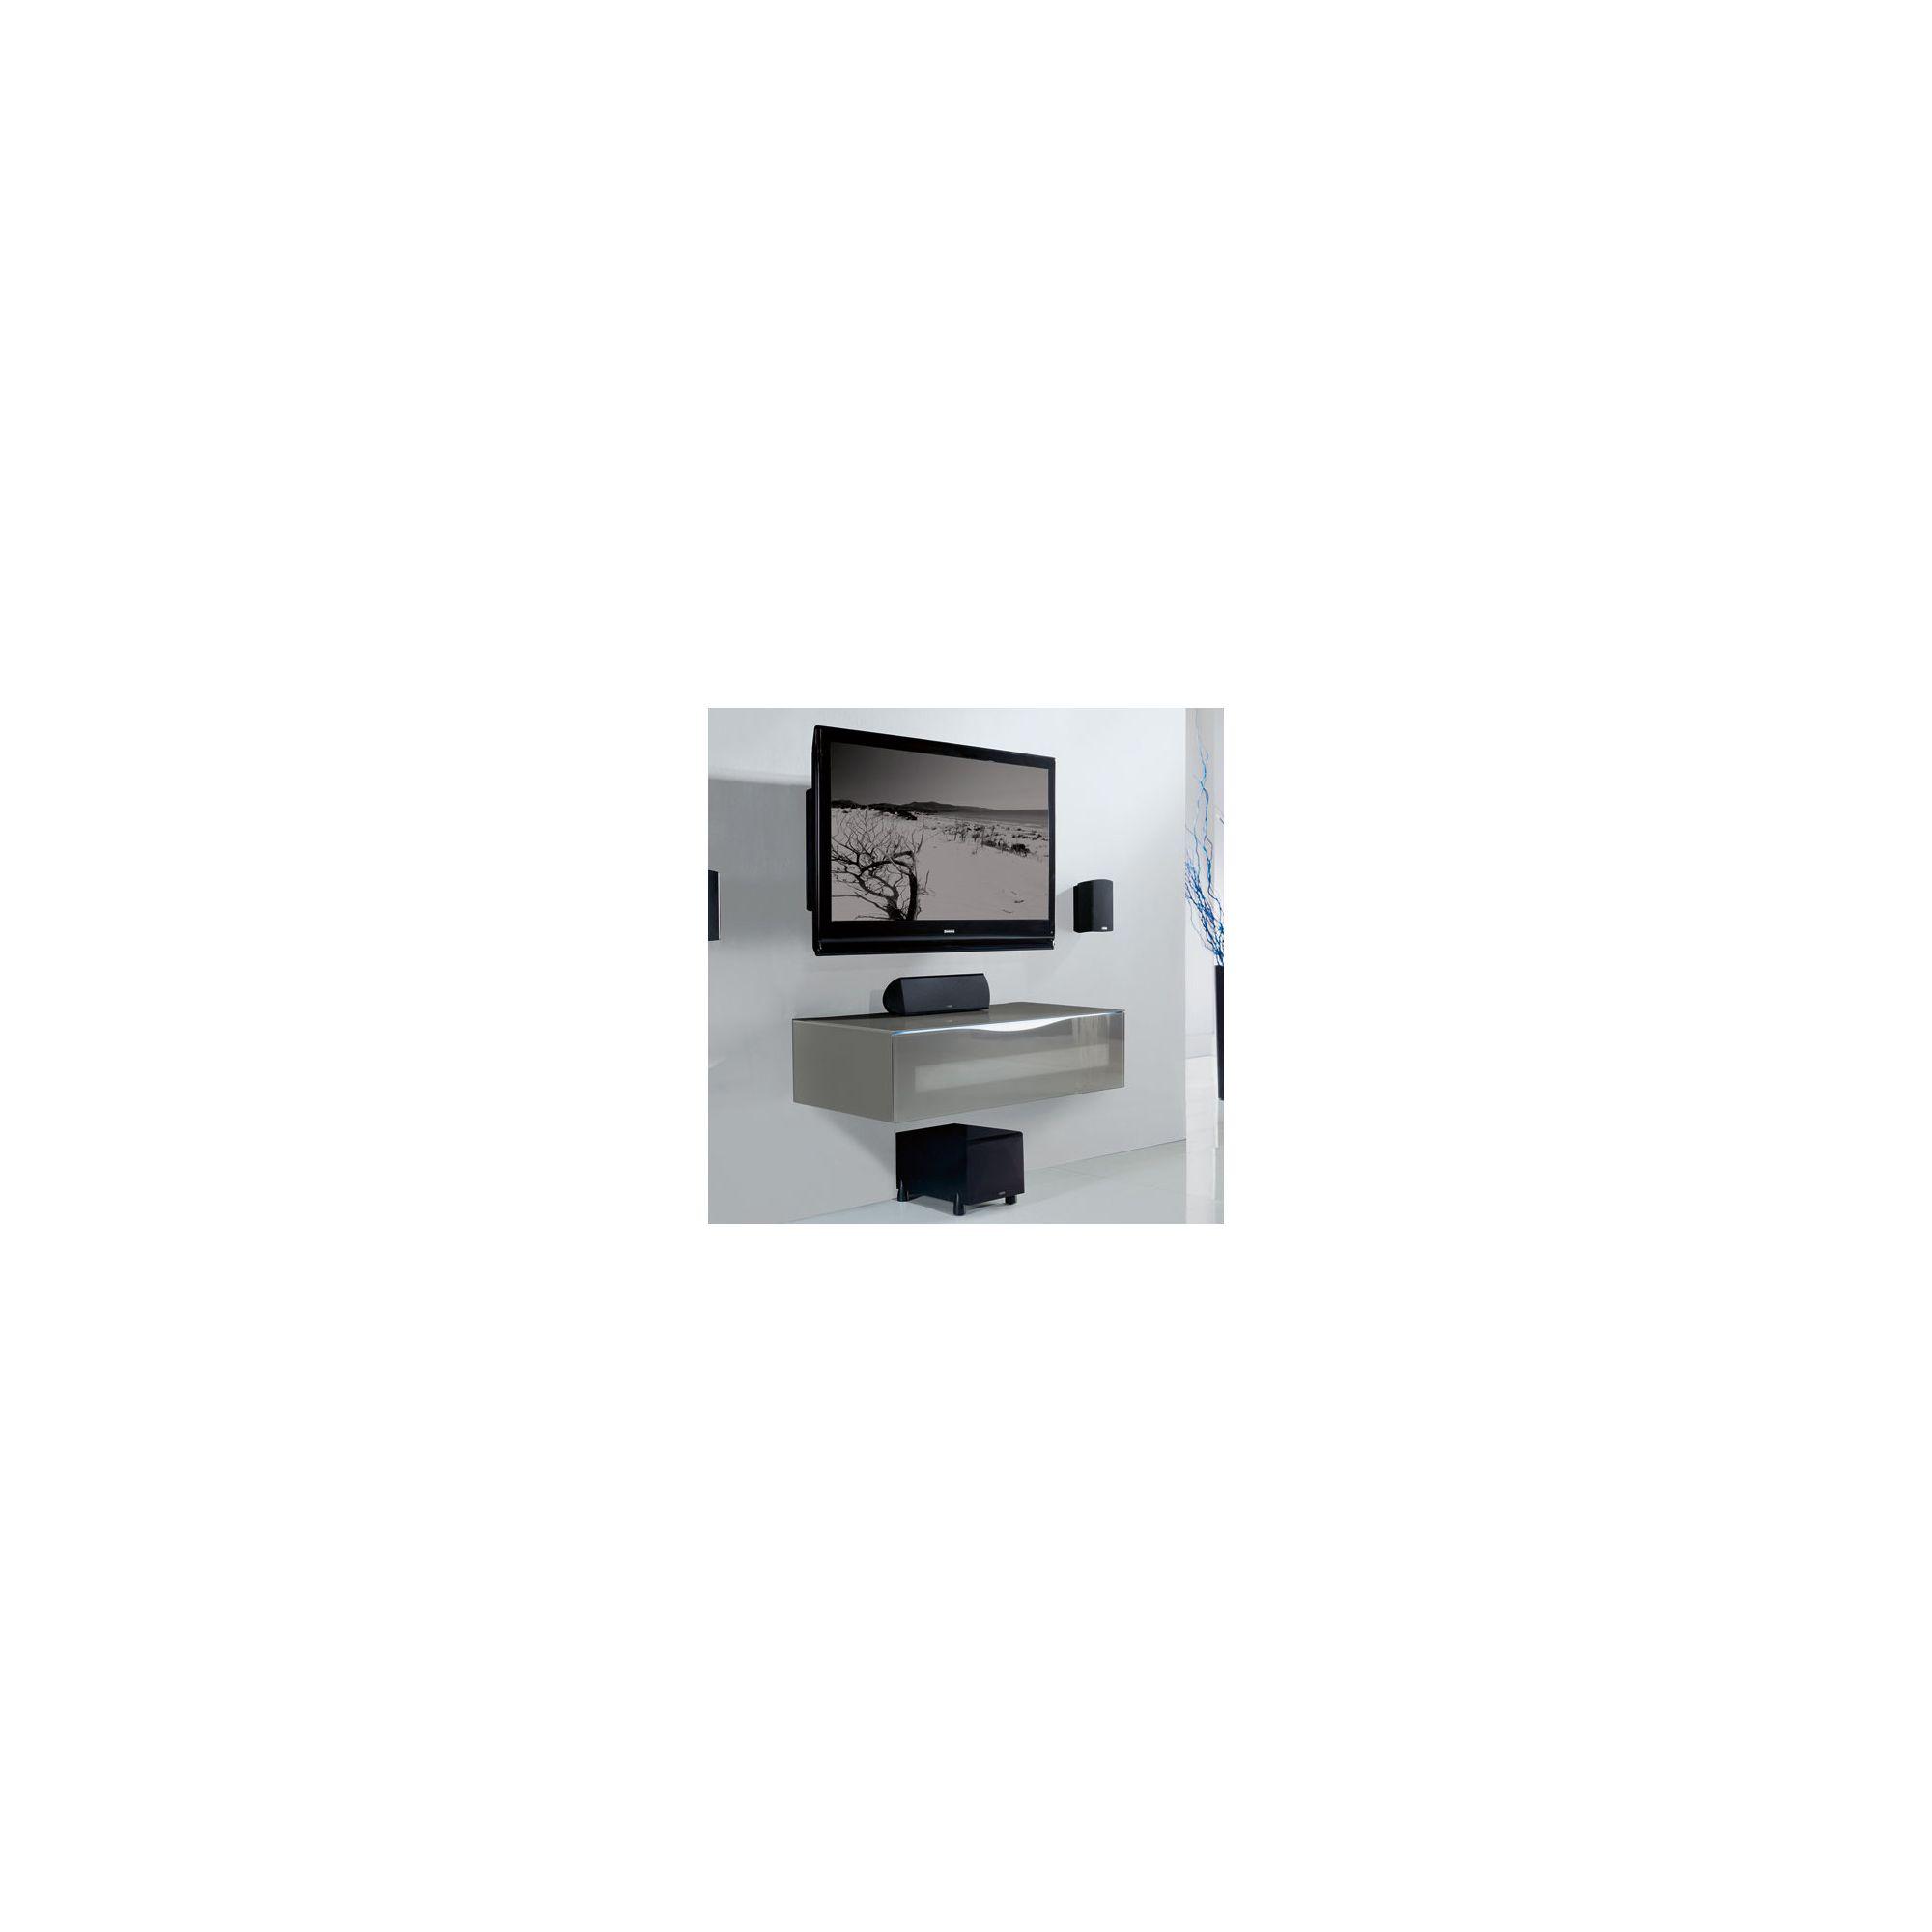 Triskom TV Cabinet - Grey at Tesco Direct